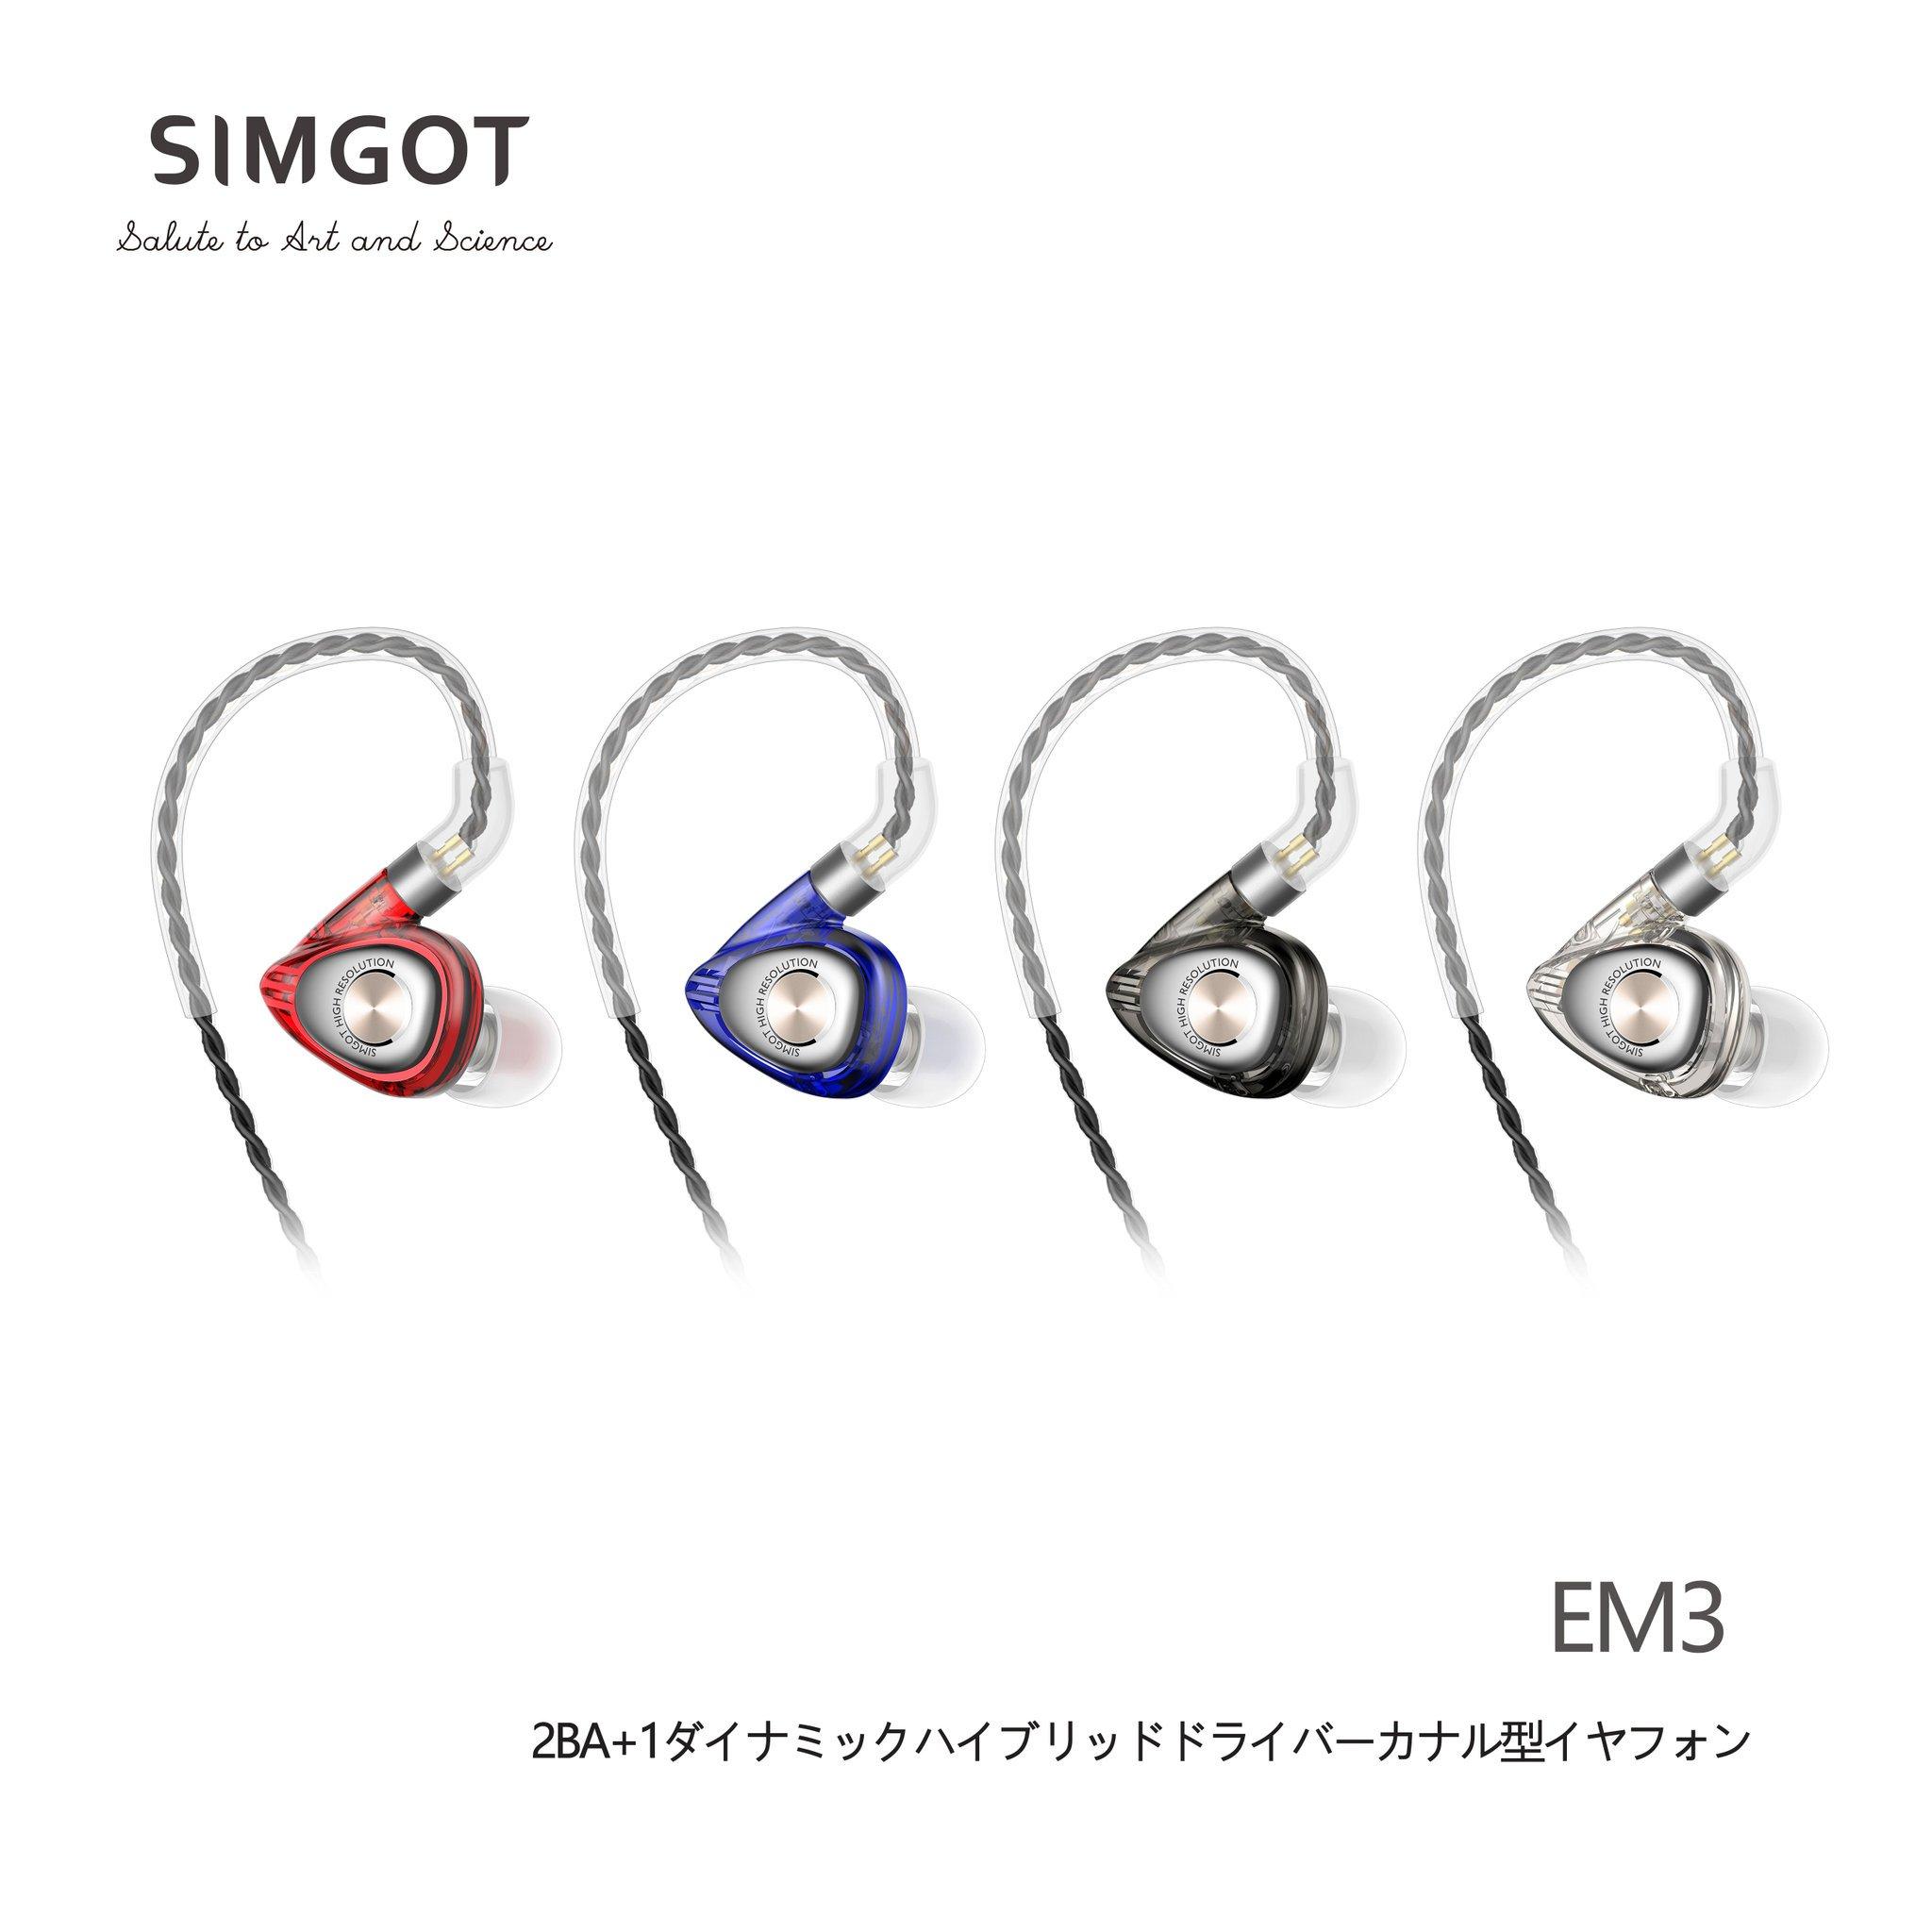 SIMGOT EM3